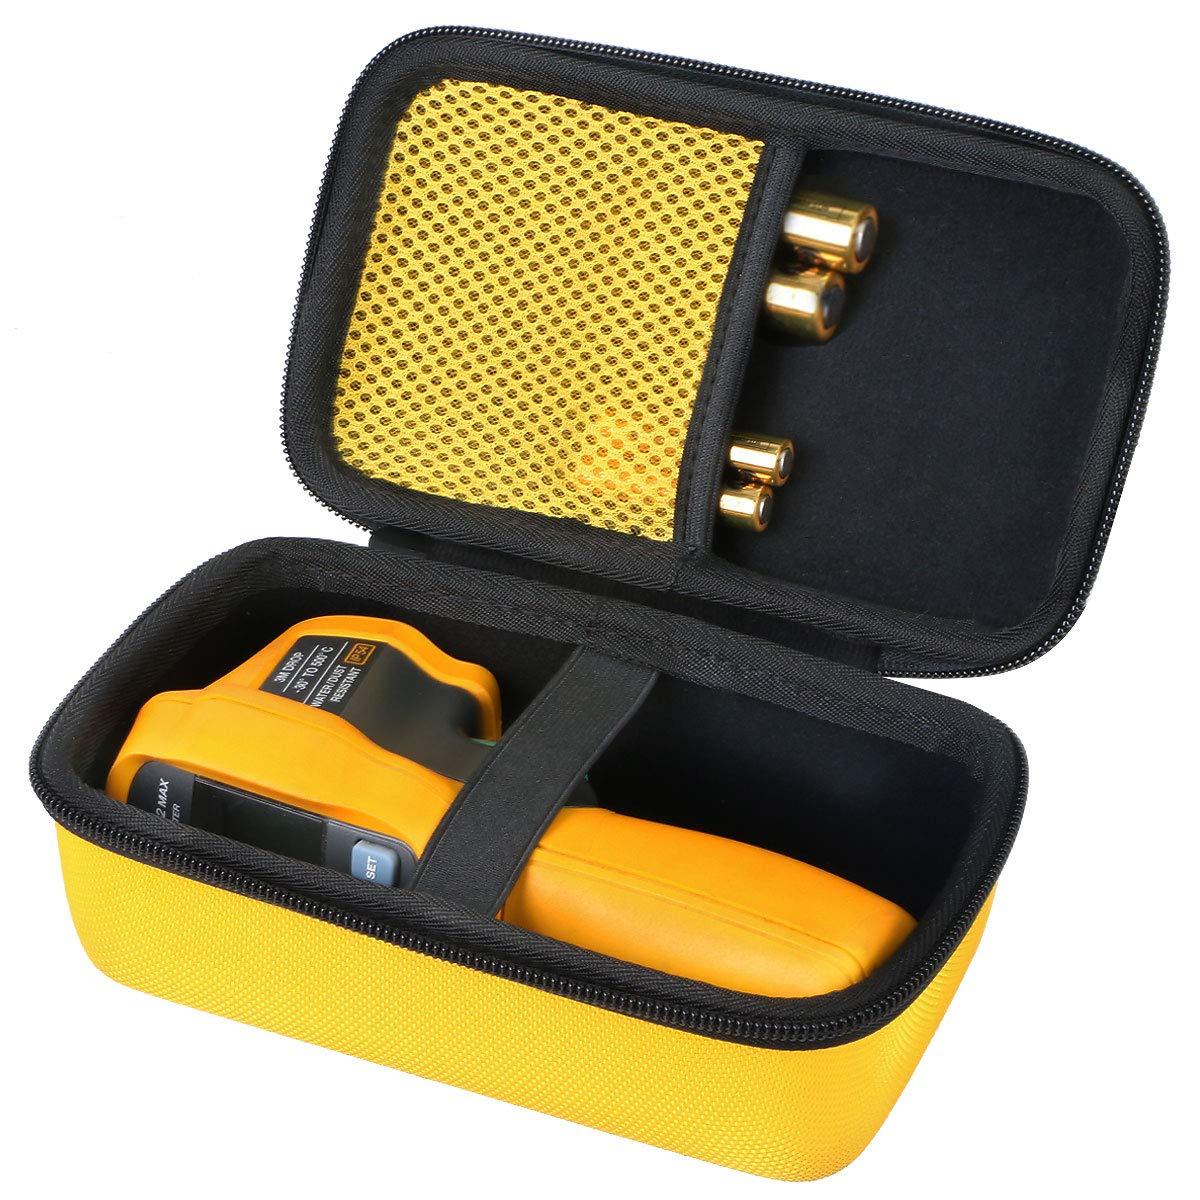 co2crea Hard Travel Case for Fluke 62 Fluke 64 Fluke 59 MAX MAX Plus Infrared IR Thermometer Yellow Case